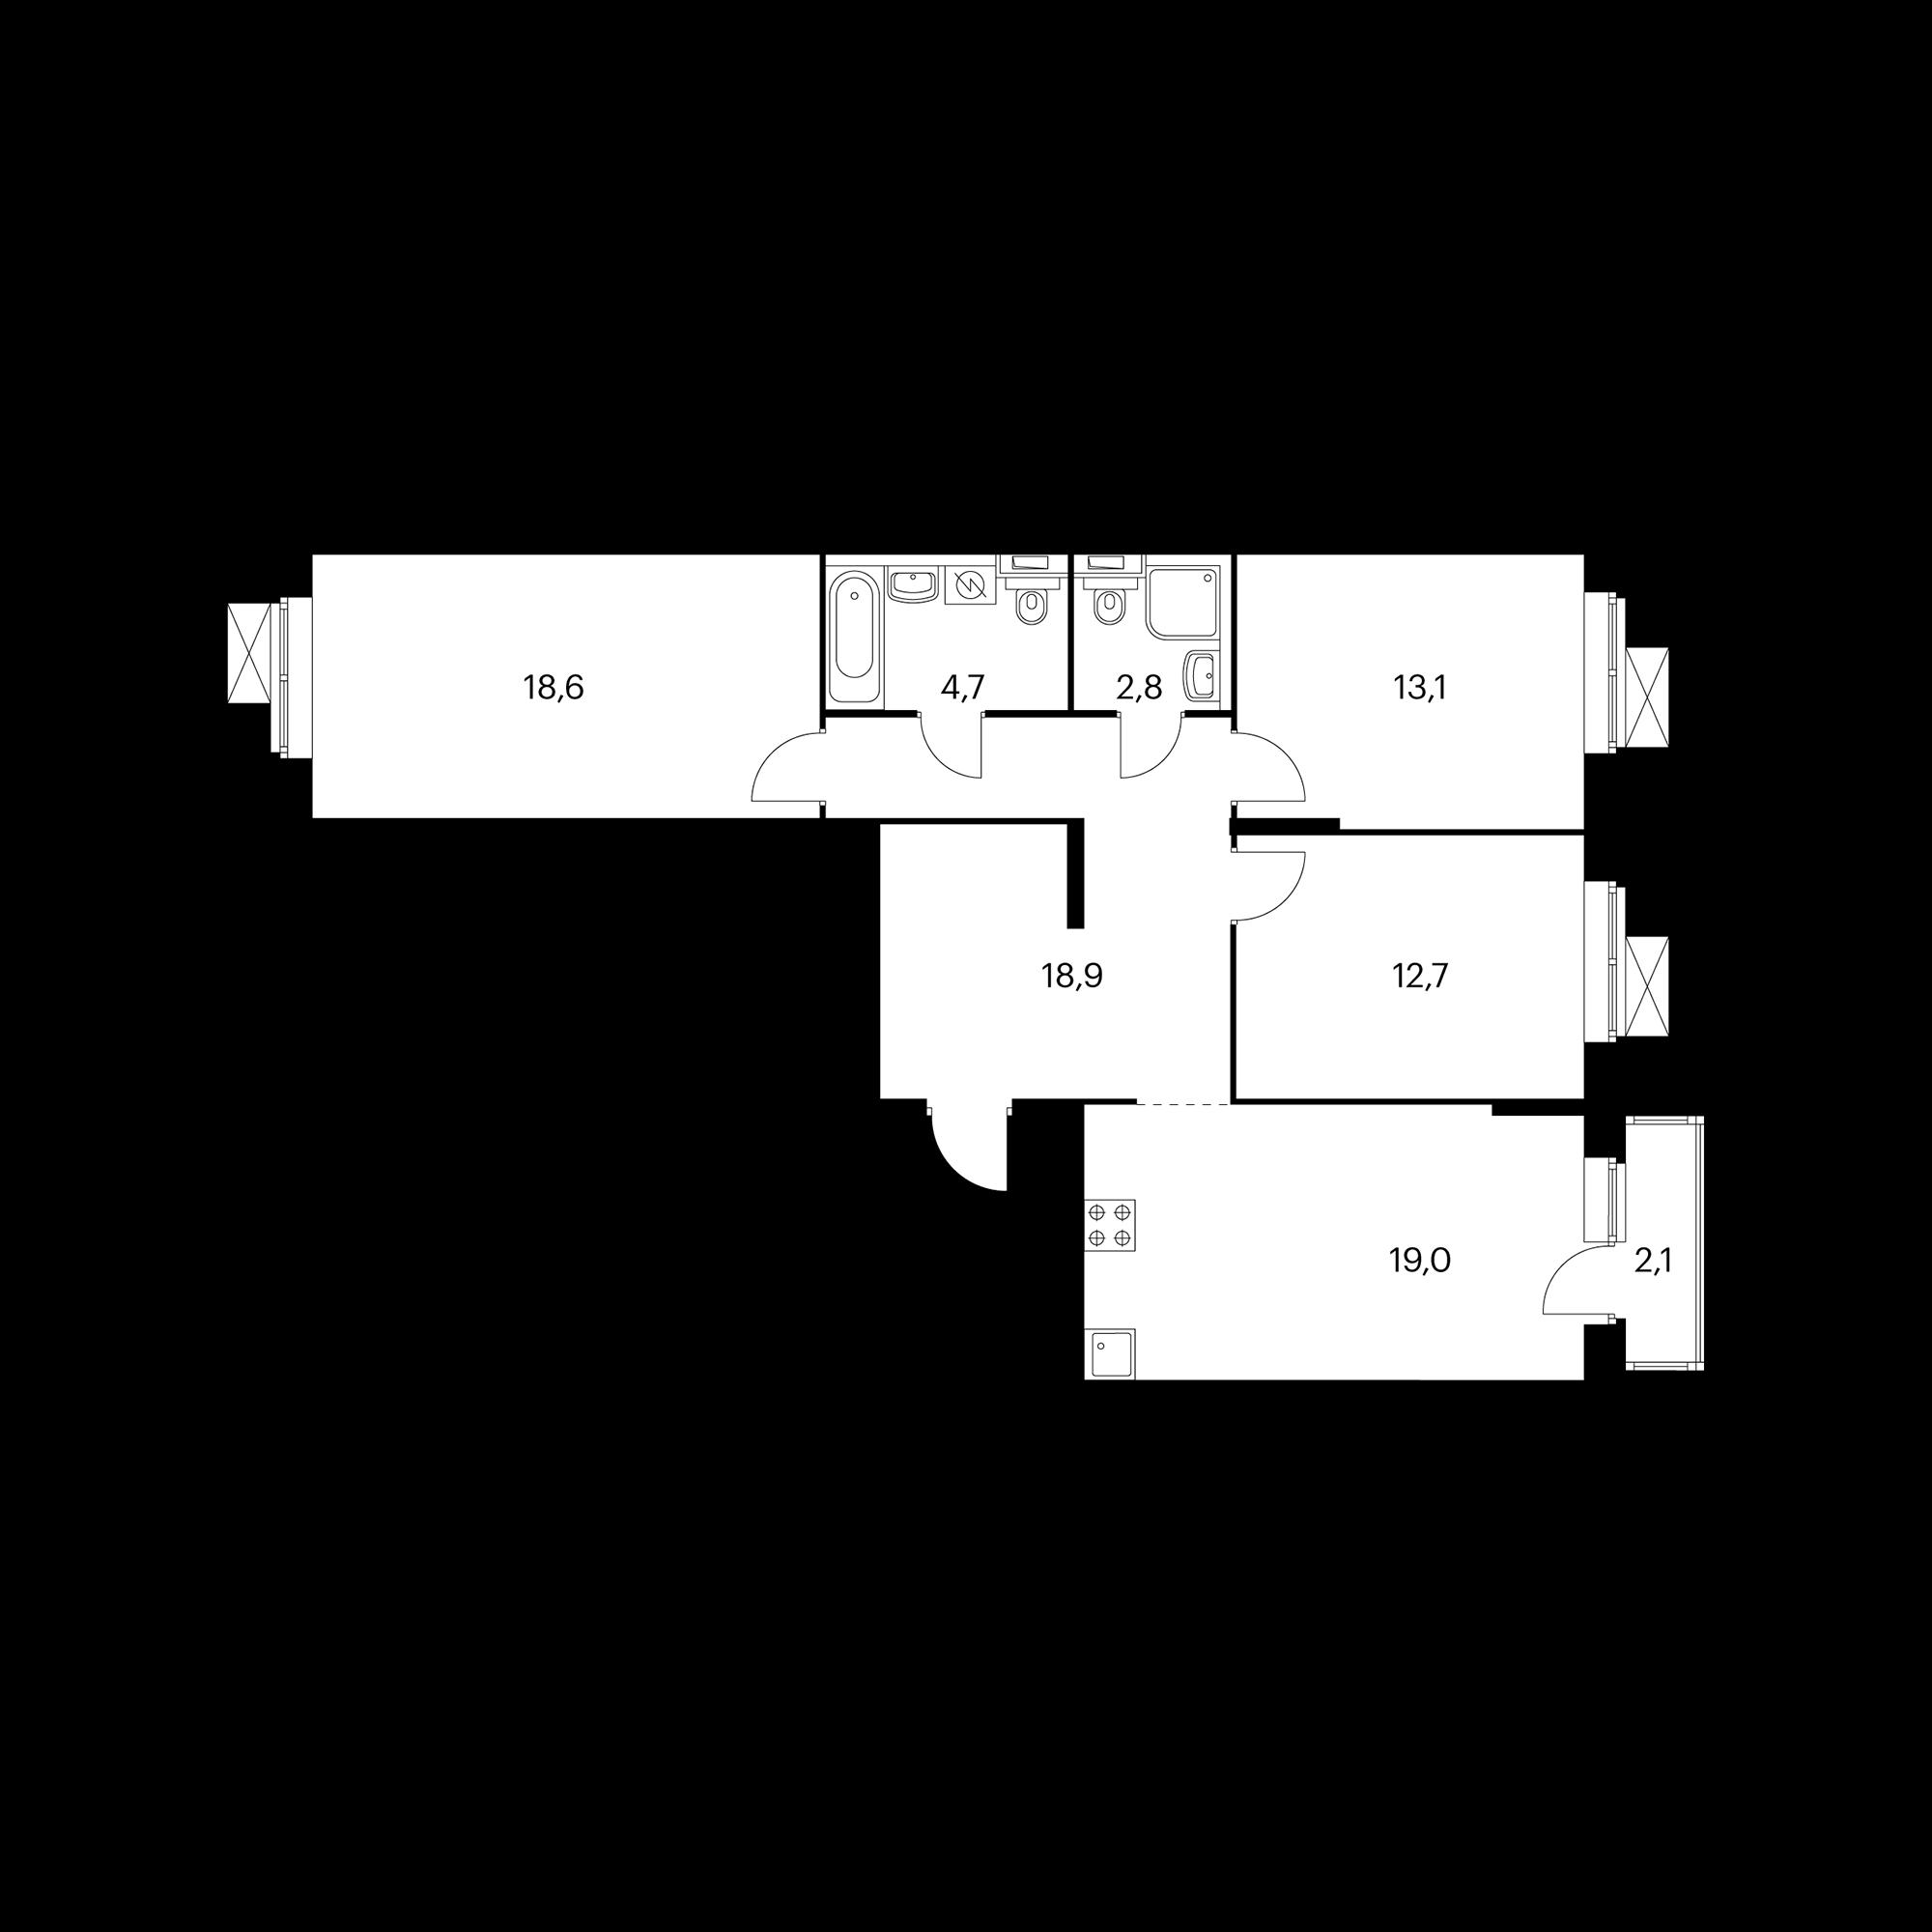 3EL3_9.9-1B